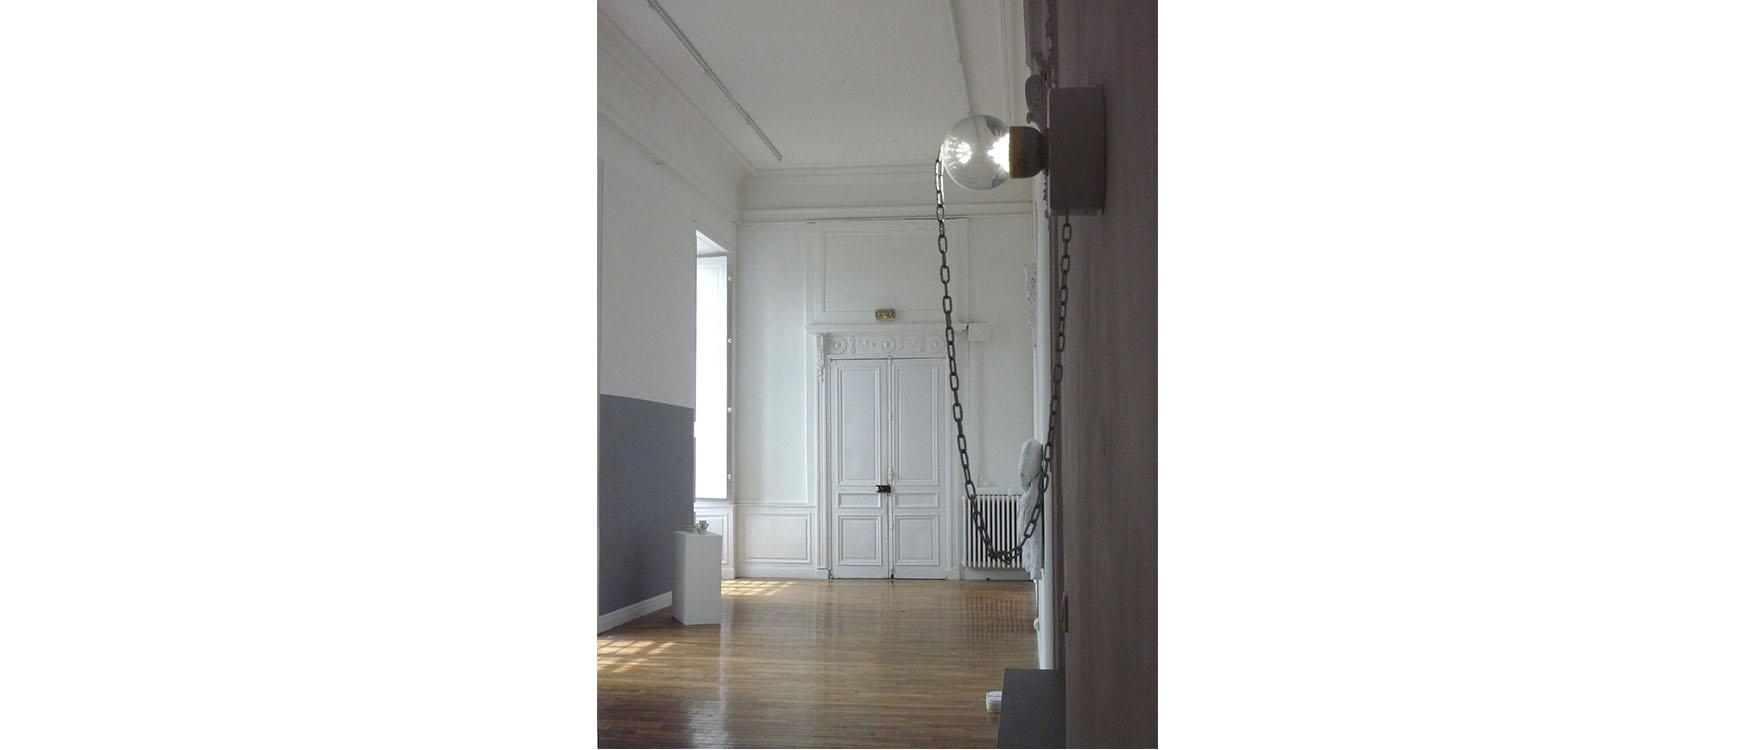 ClarisseDubus-Light2-2-3000x1500.jpg